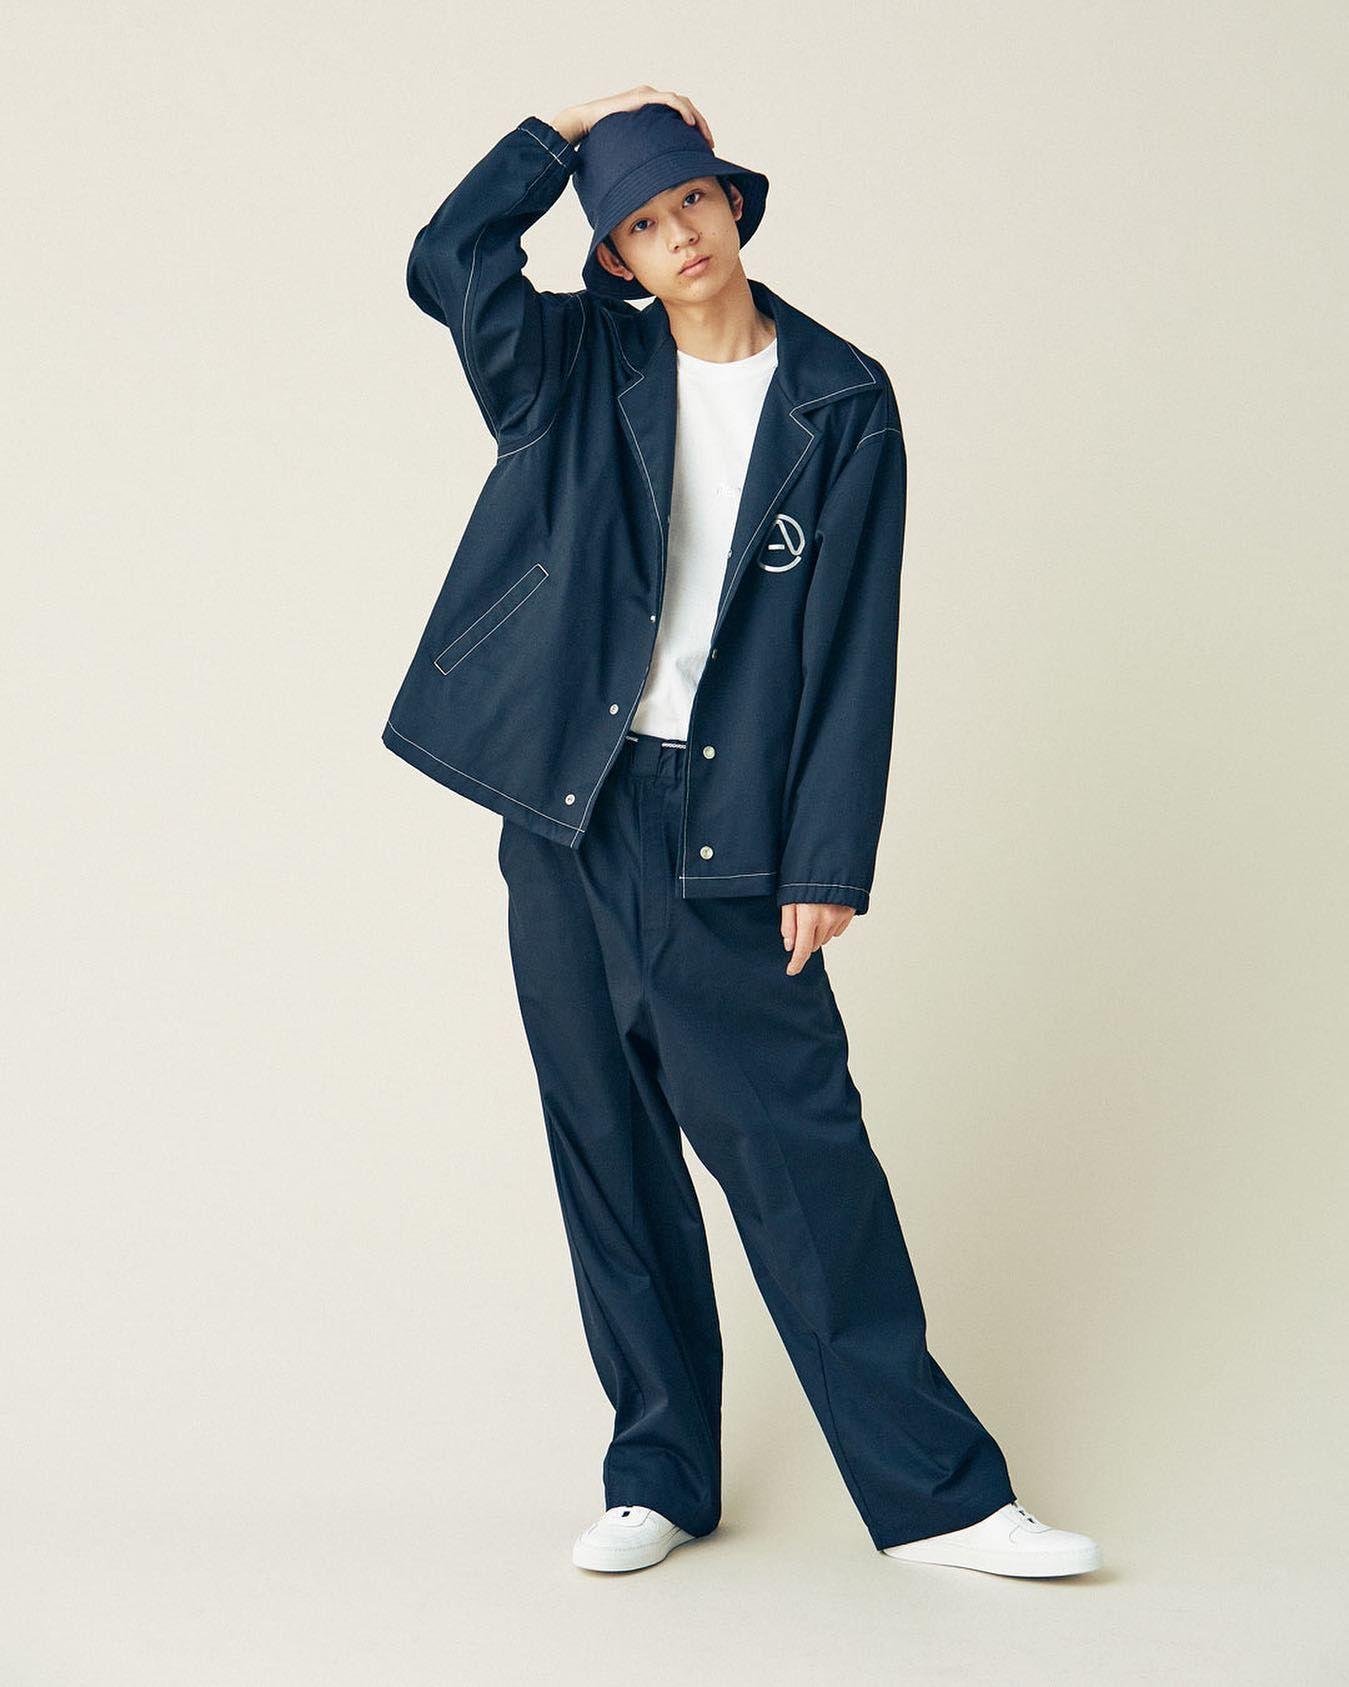 ハットもジャケットもパンツも セットアップで着たい セットアップ ハット ジャケット パンツ 水沢林太郎 setup neonsign fashion mensnonno メンズファッションスタイル 冬服 メンズ メンズファッション